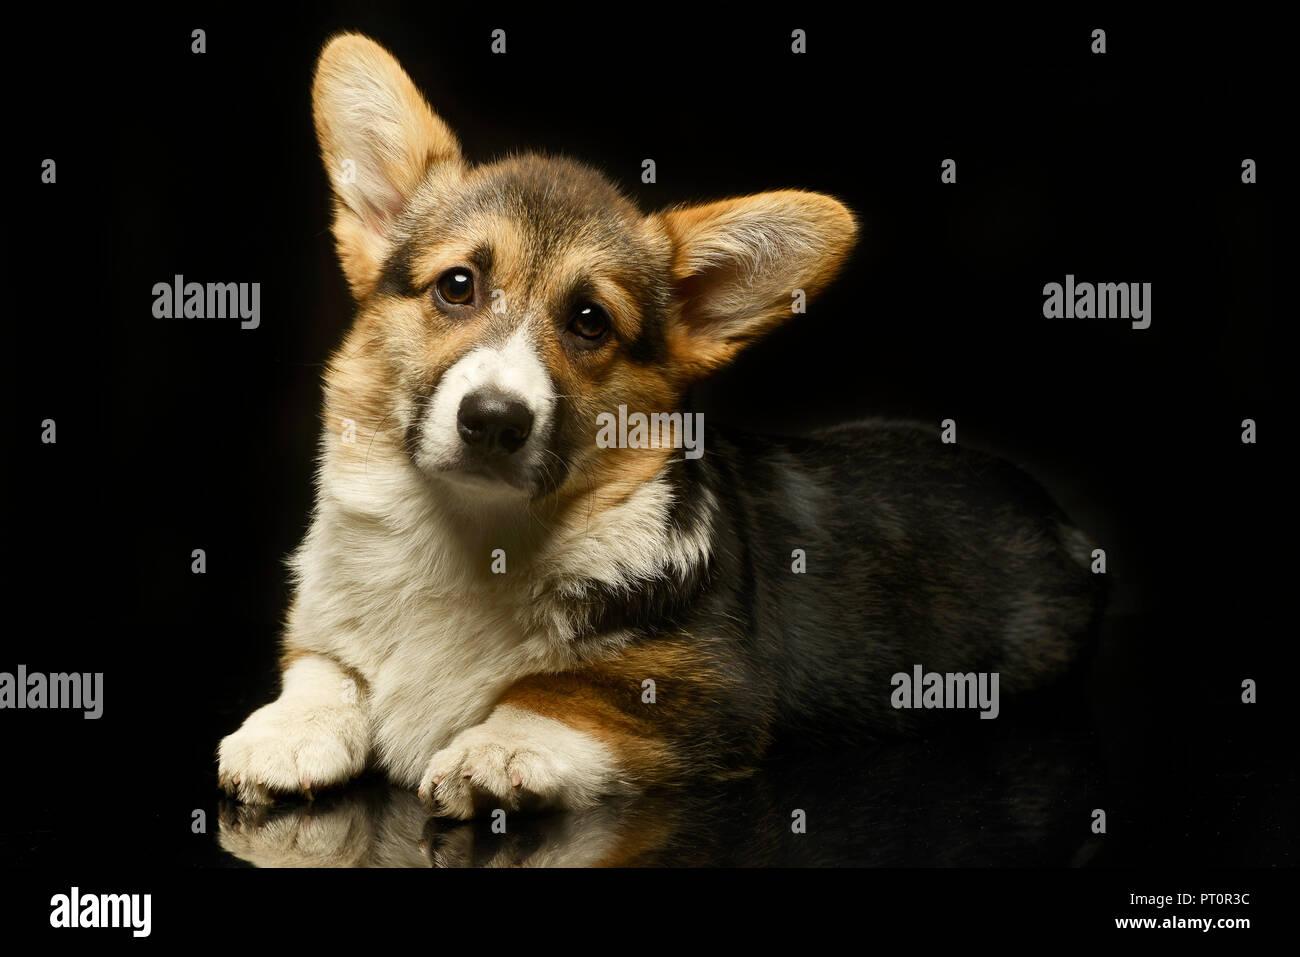 Puppy corgie mirando en una foto oscura studio Foto de stock